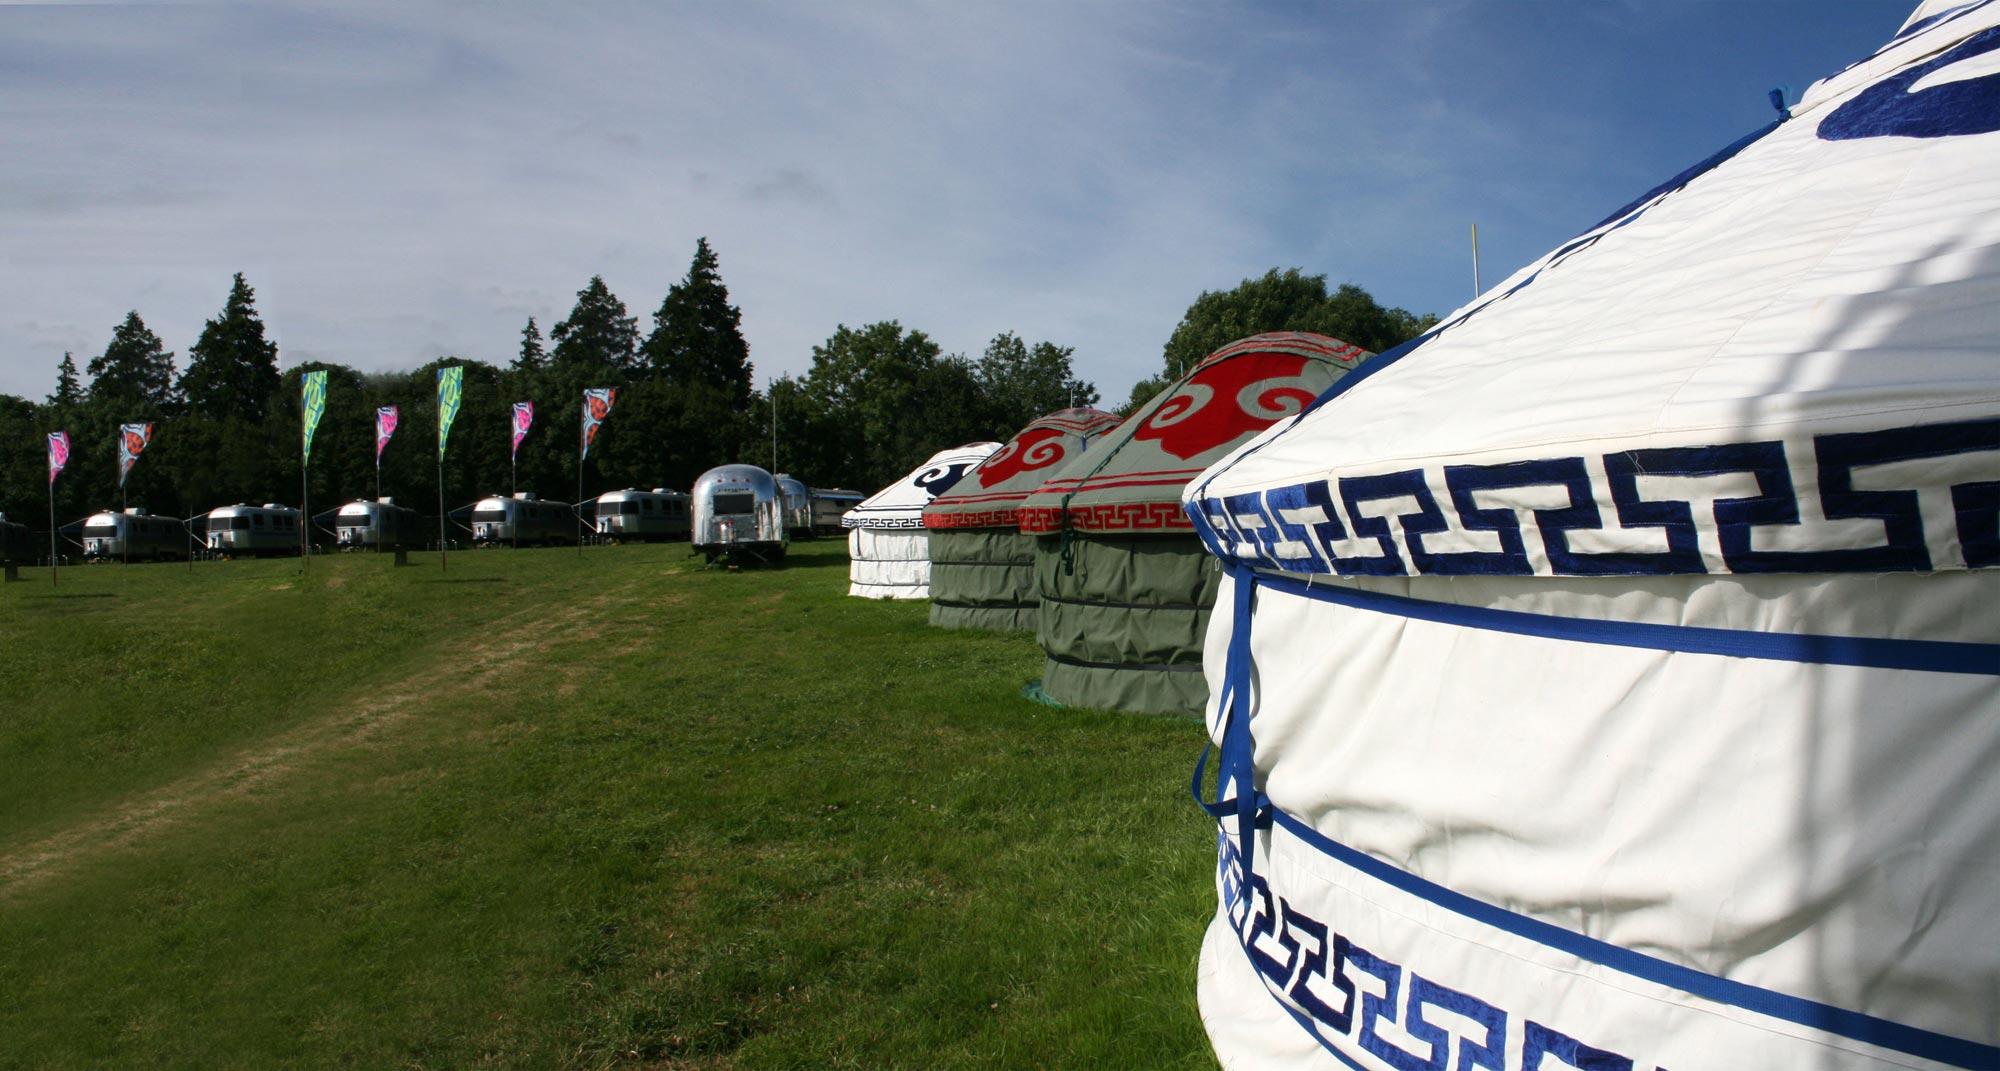 Yurt and Airstream Camp Large.jpg